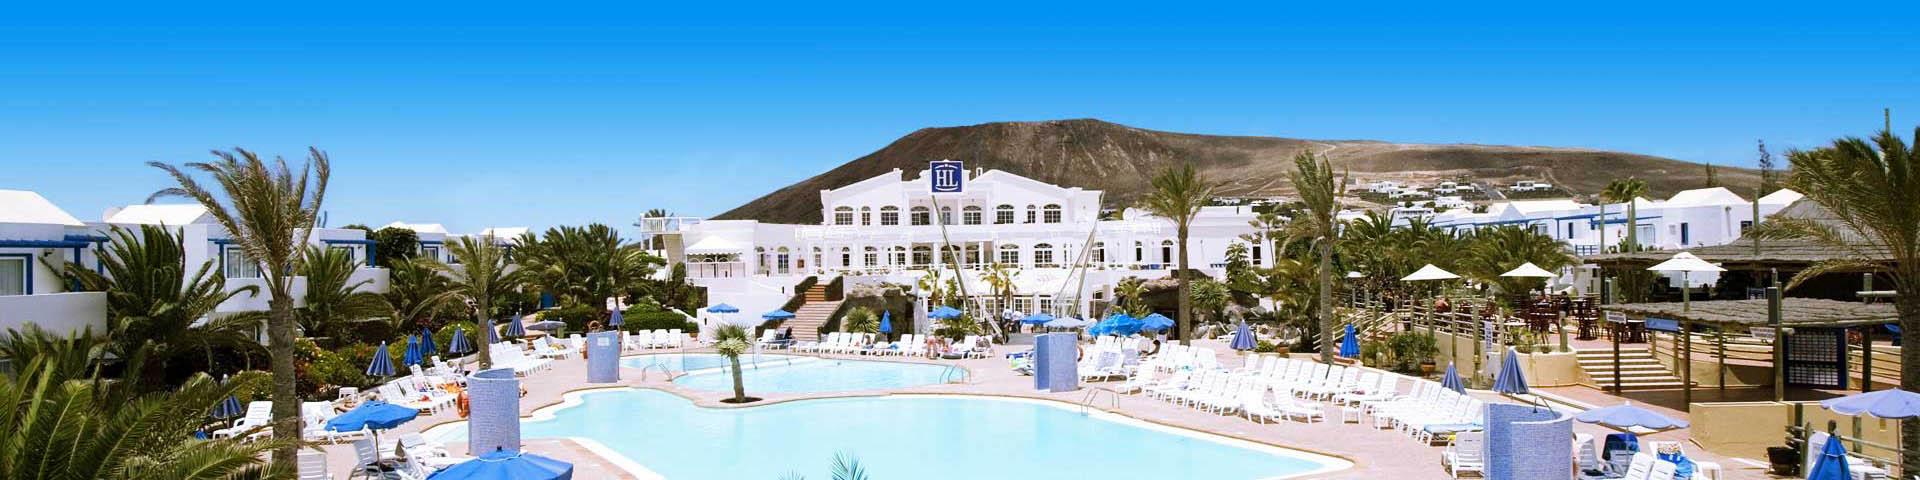 Hotelgebouw van hotelketen HL met uitzicht op het zwembad en een berg